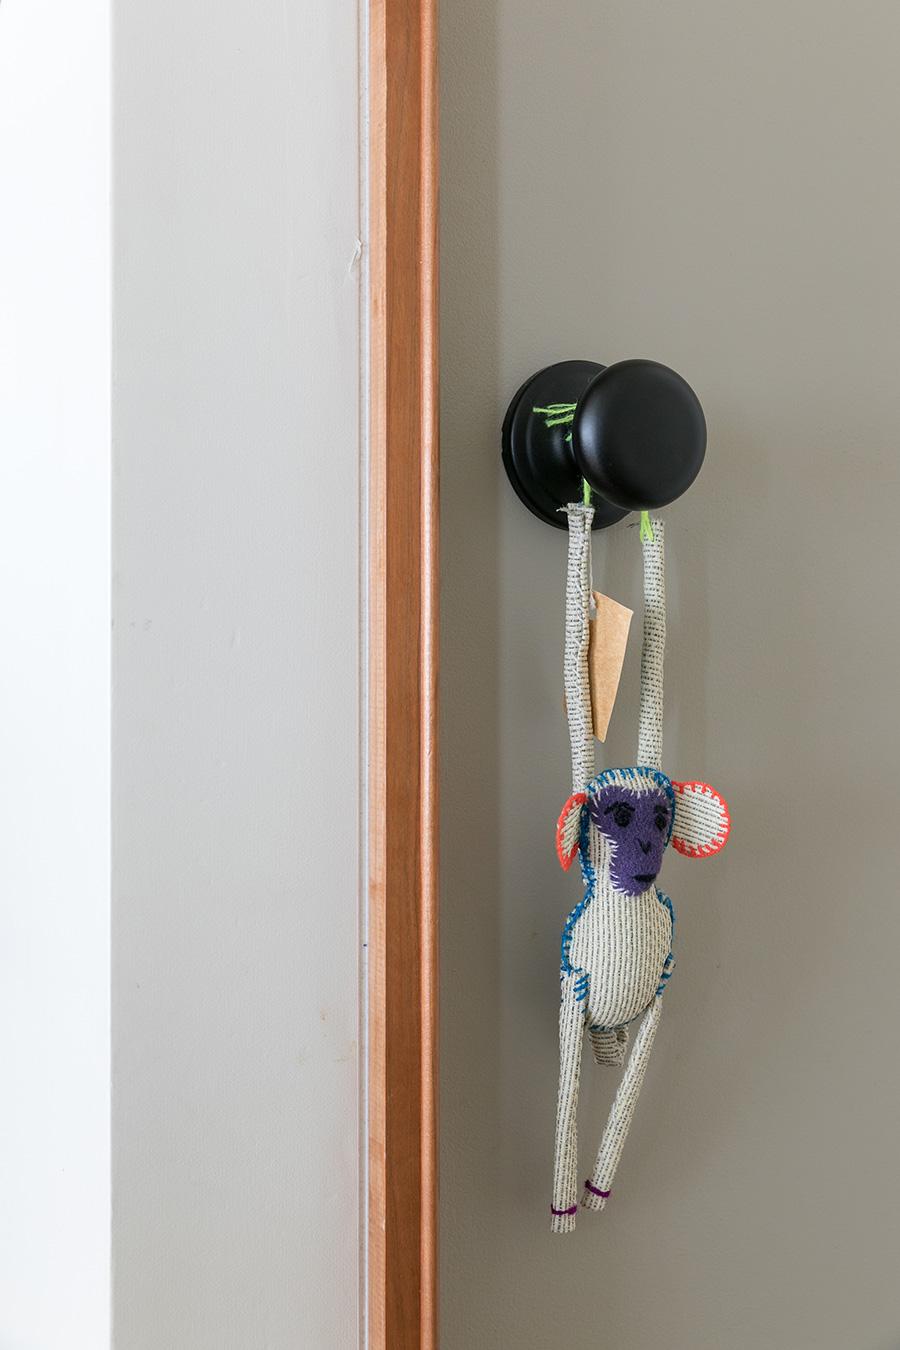 リビング入り口のグレーに塗装した建具。ドアノブにはお気に入りの人形を。